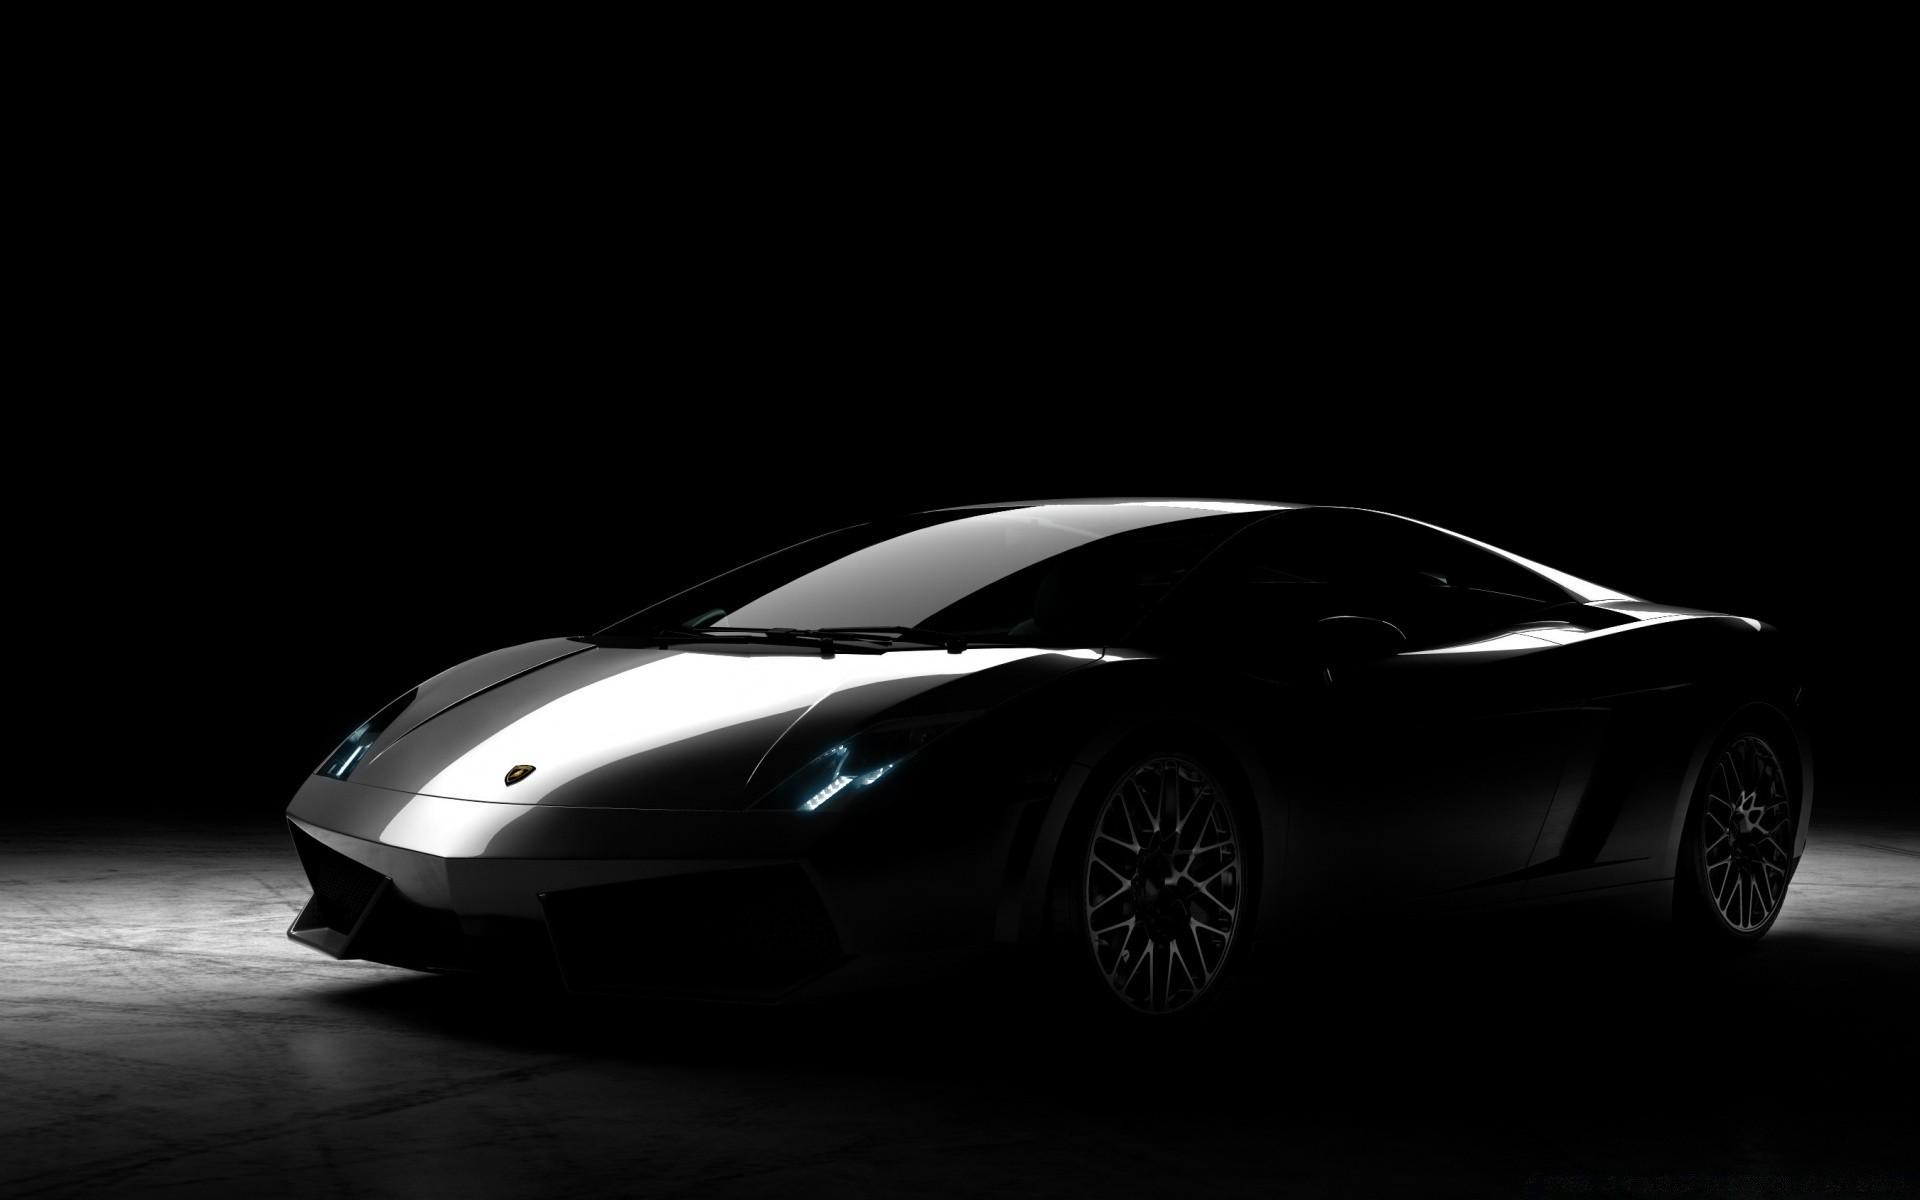 Lamborghini Gallardo Black IPhone Wallpapers For Free